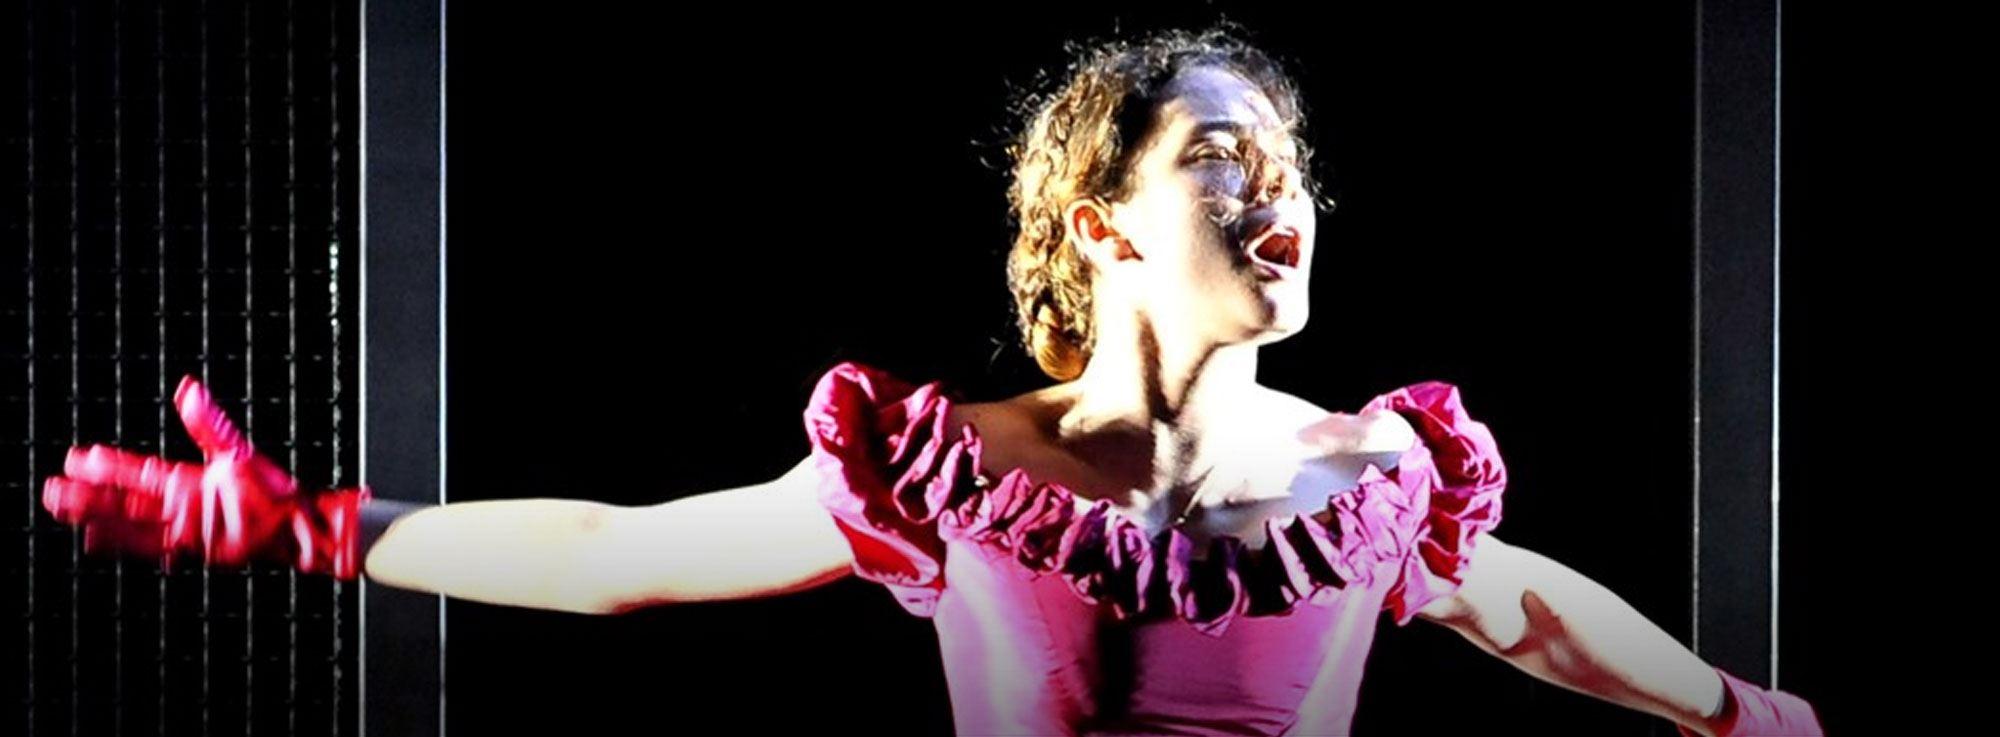 Bisceglie: Madame Bovary